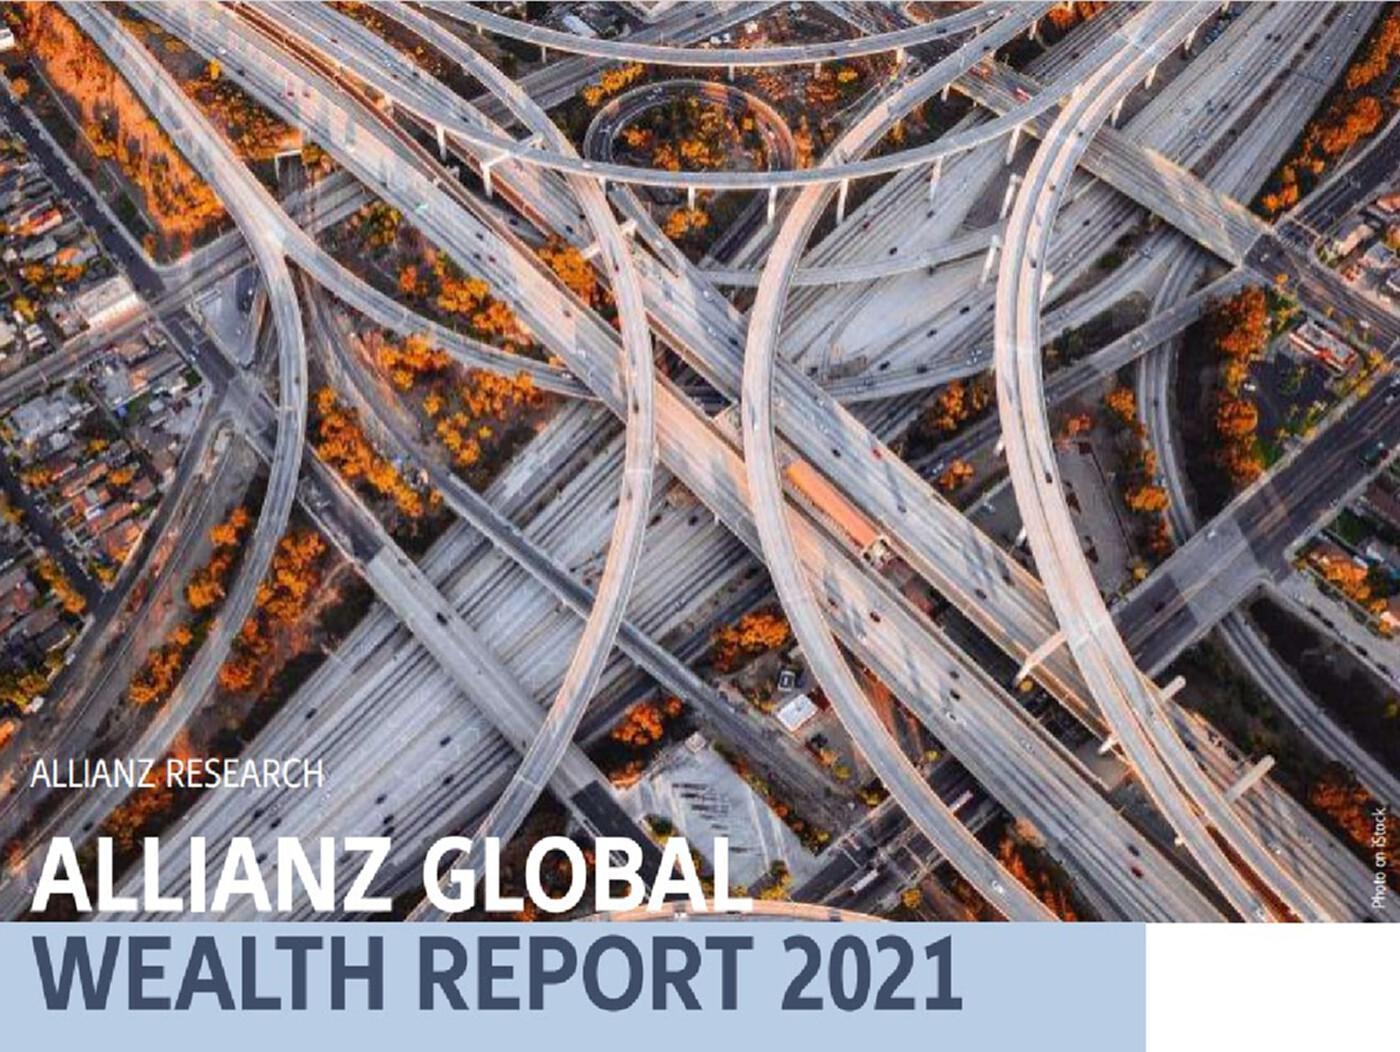 กลุ่มอลิอันซ์เปิดรายงาน Allianz Global Wealth Report 2021